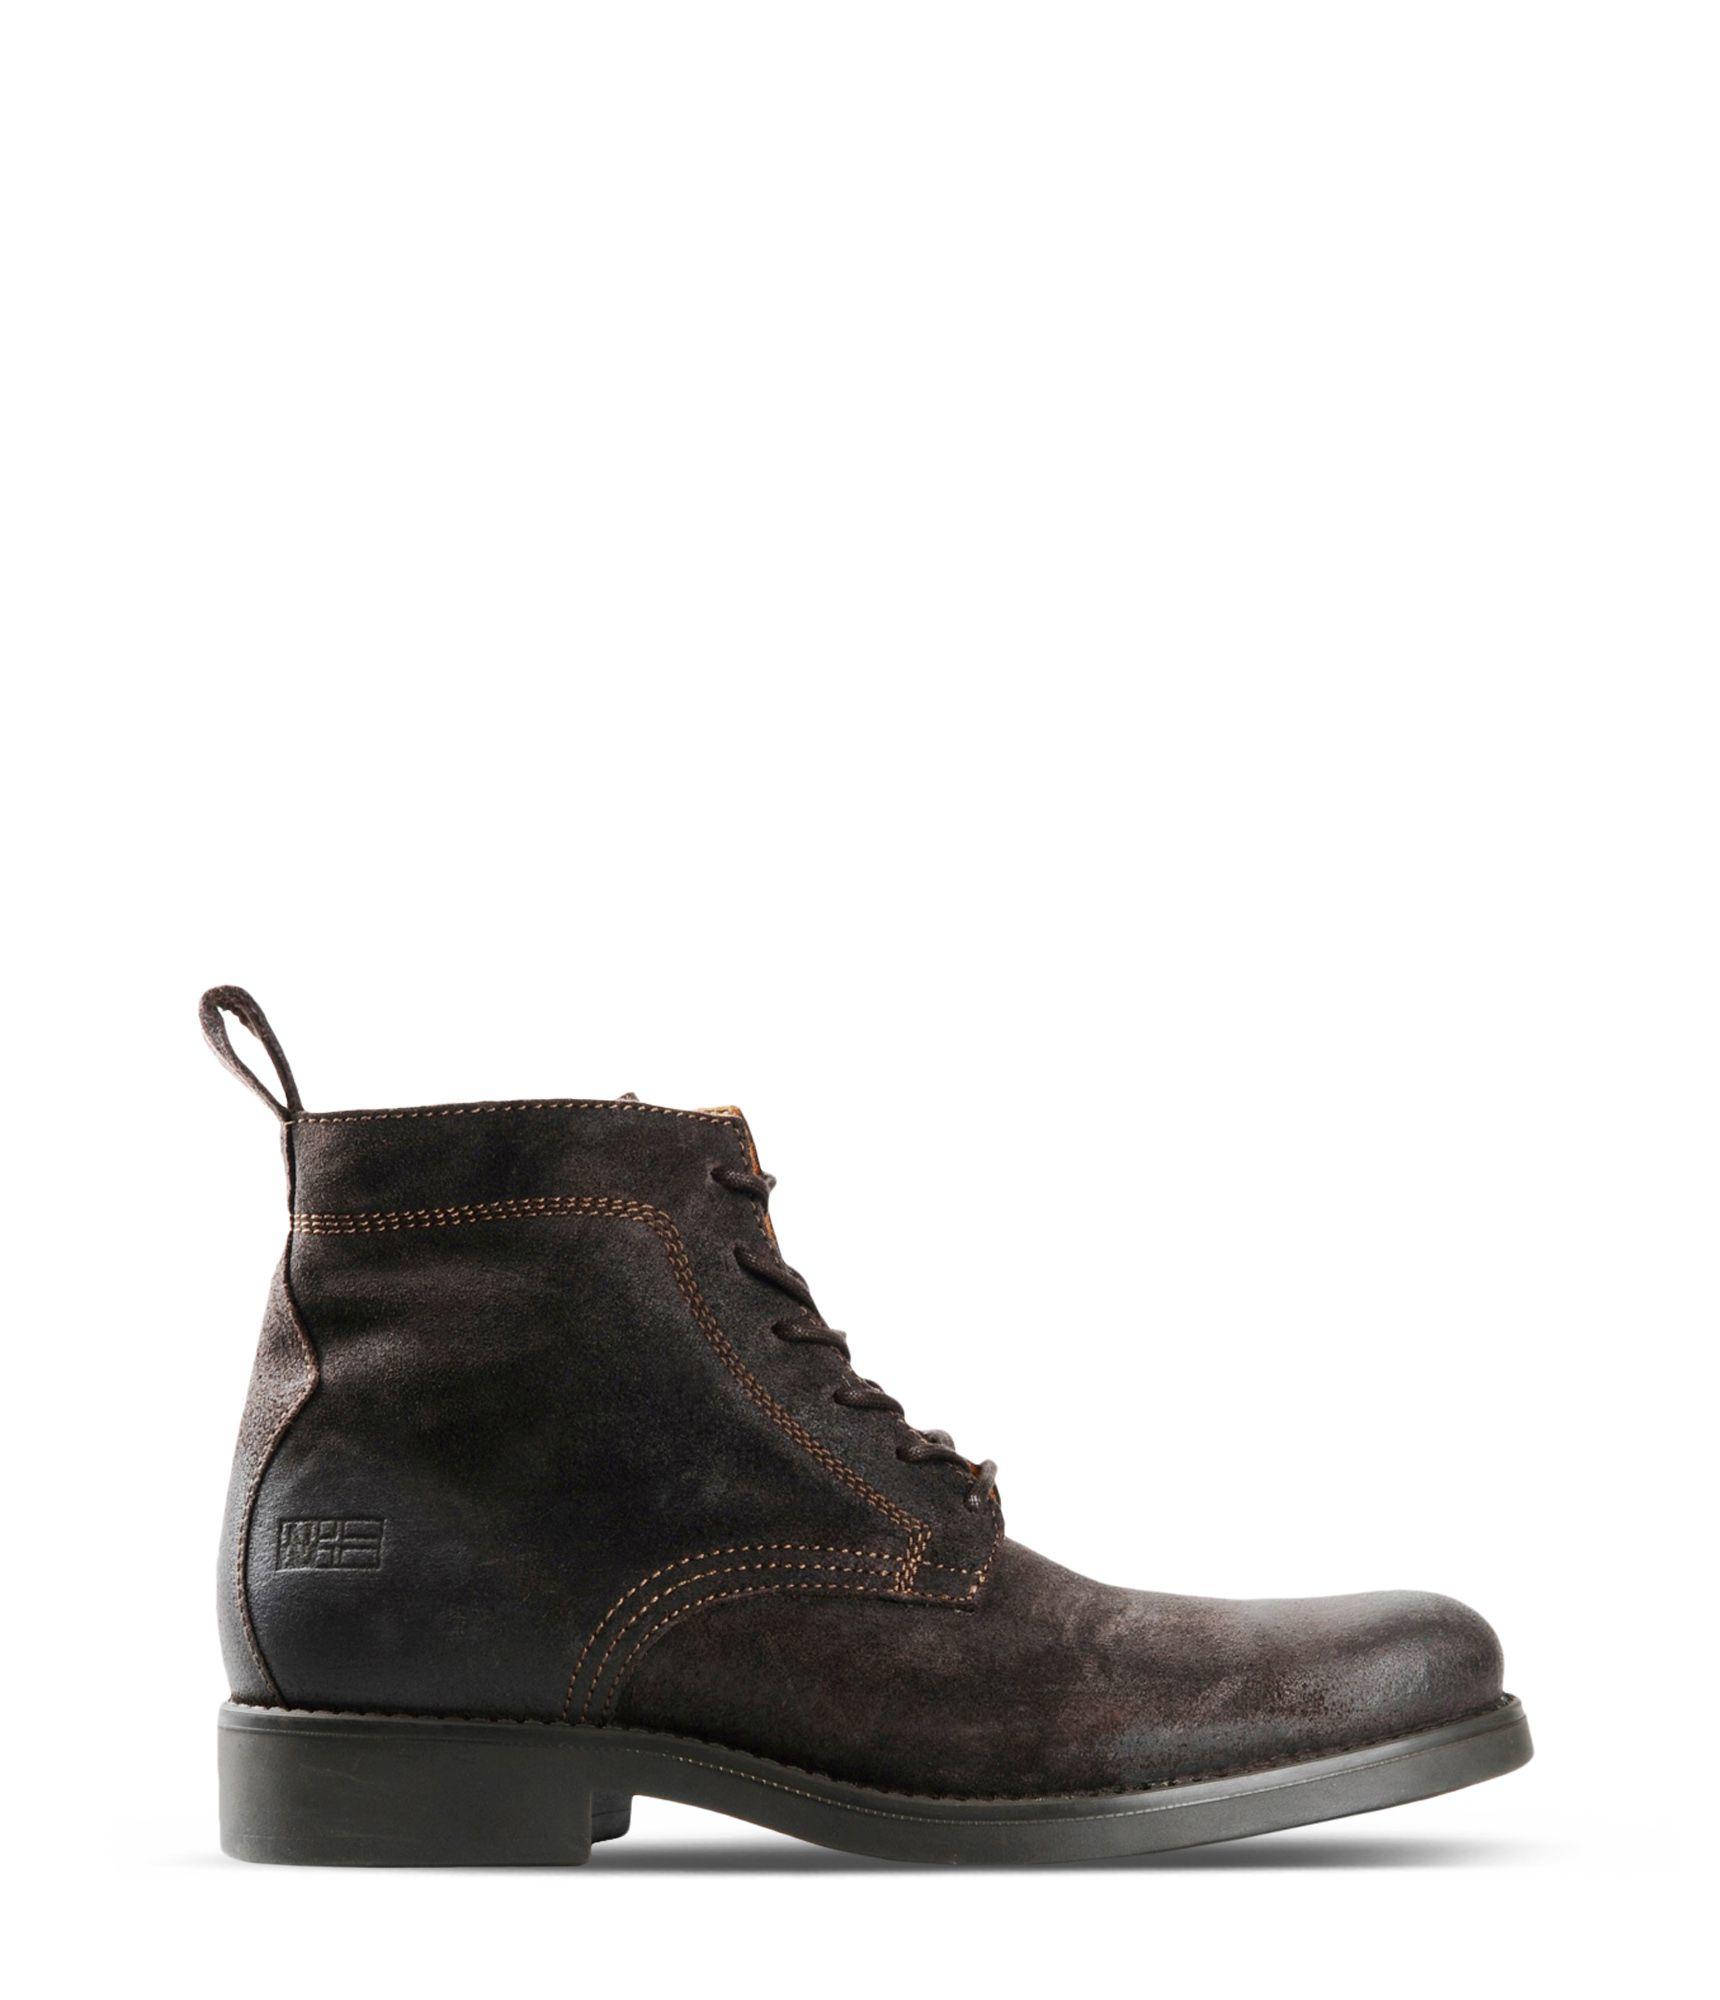 napapijri combat boots in brown for men dark brown lyst